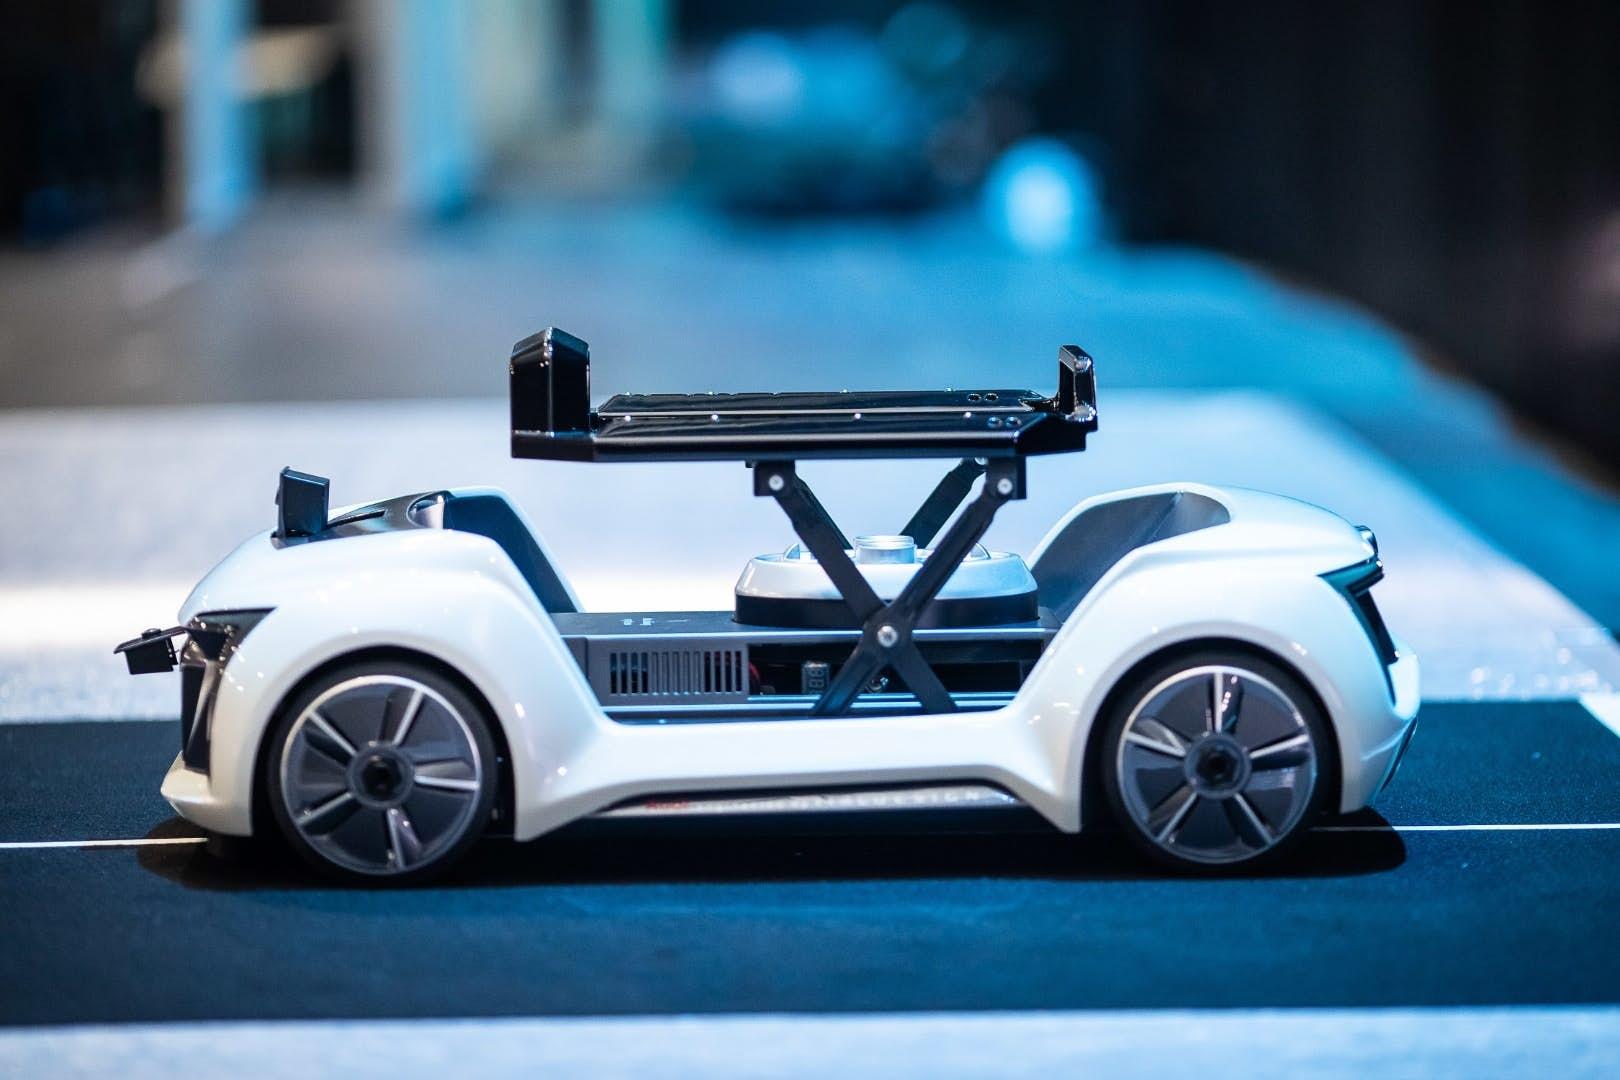 奥迪展示全新飞行出租车:将飞行器与无人车相结合